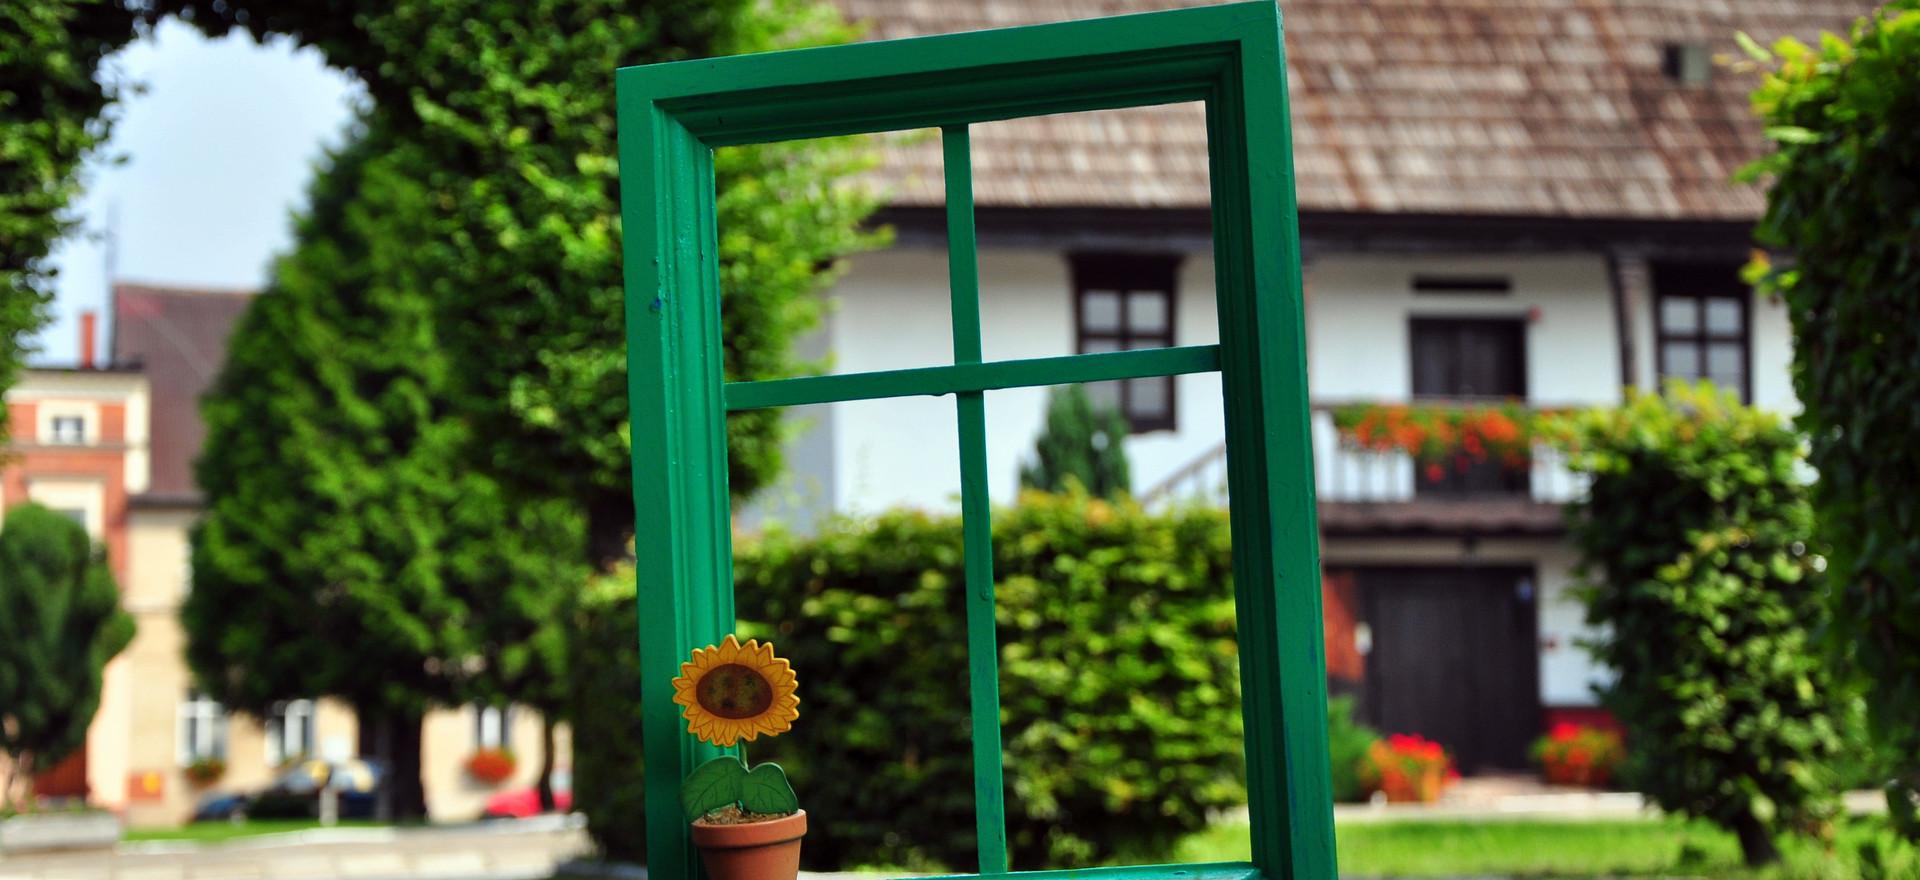 Ratusz w Sulmierzycach fot. Daria Szyman